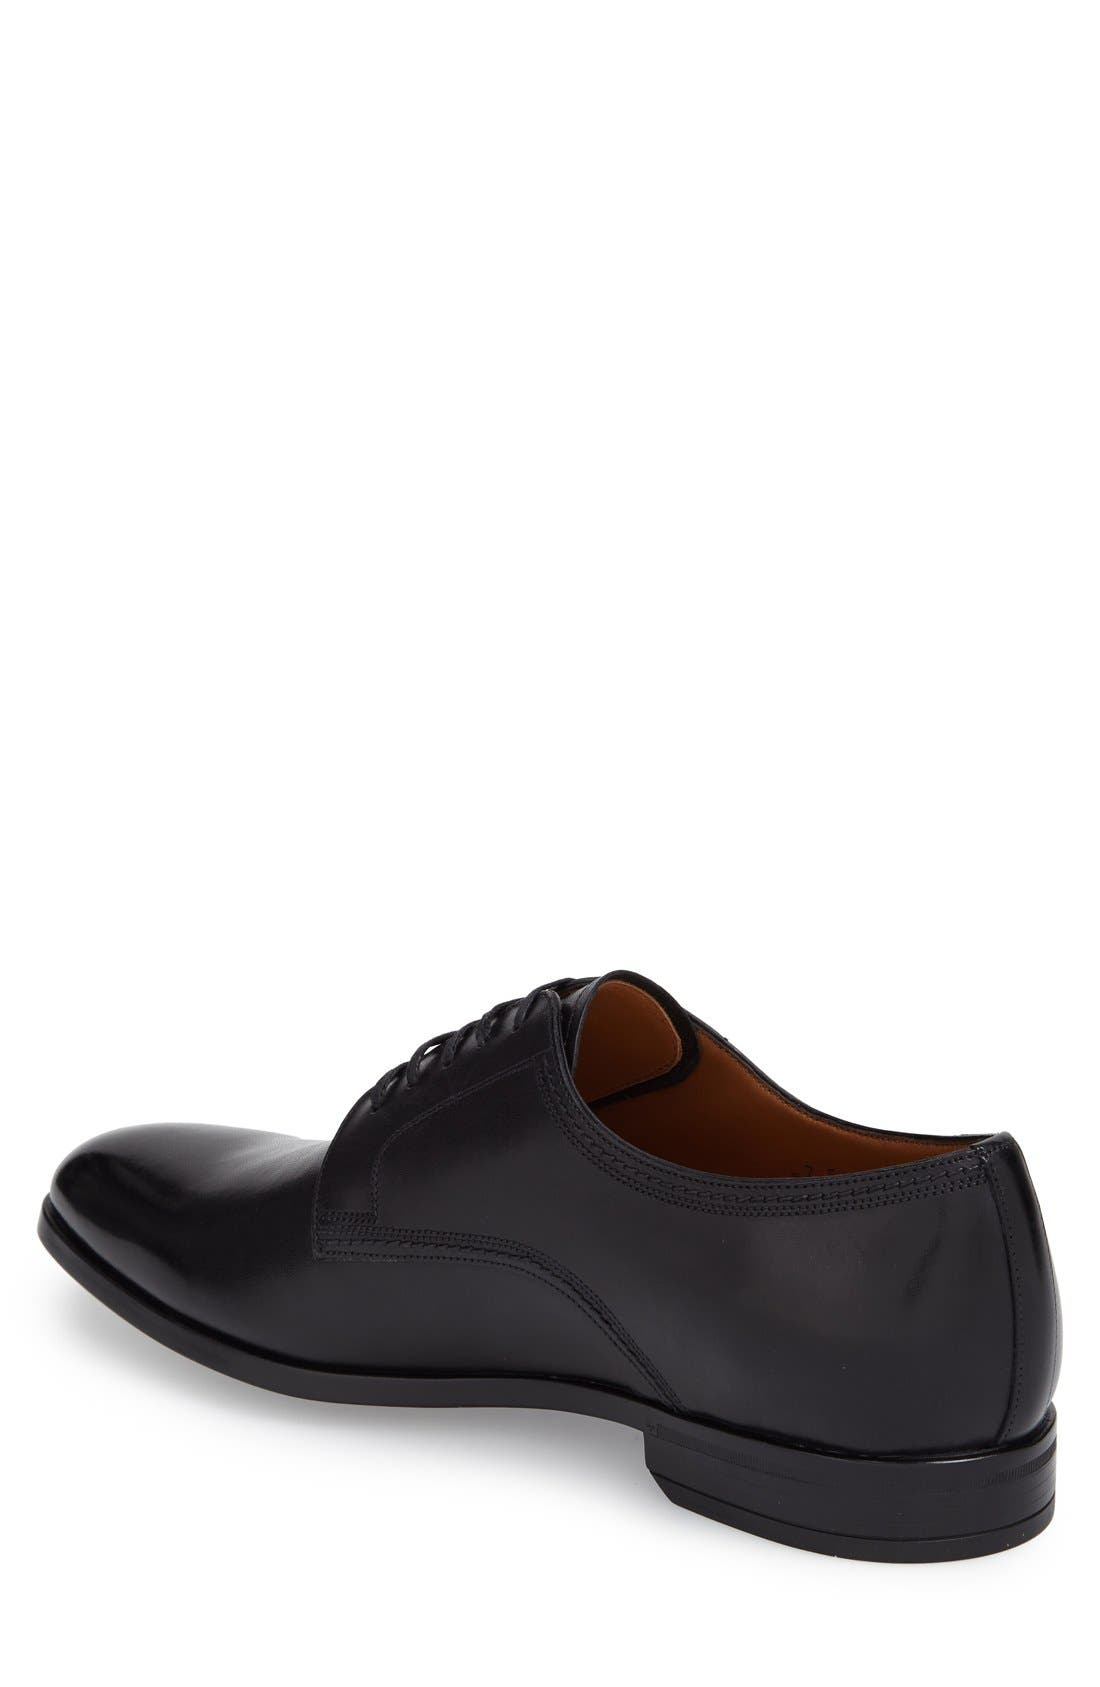 'Latour' Plain Toe Derby,                             Alternate thumbnail 6, color,                             001